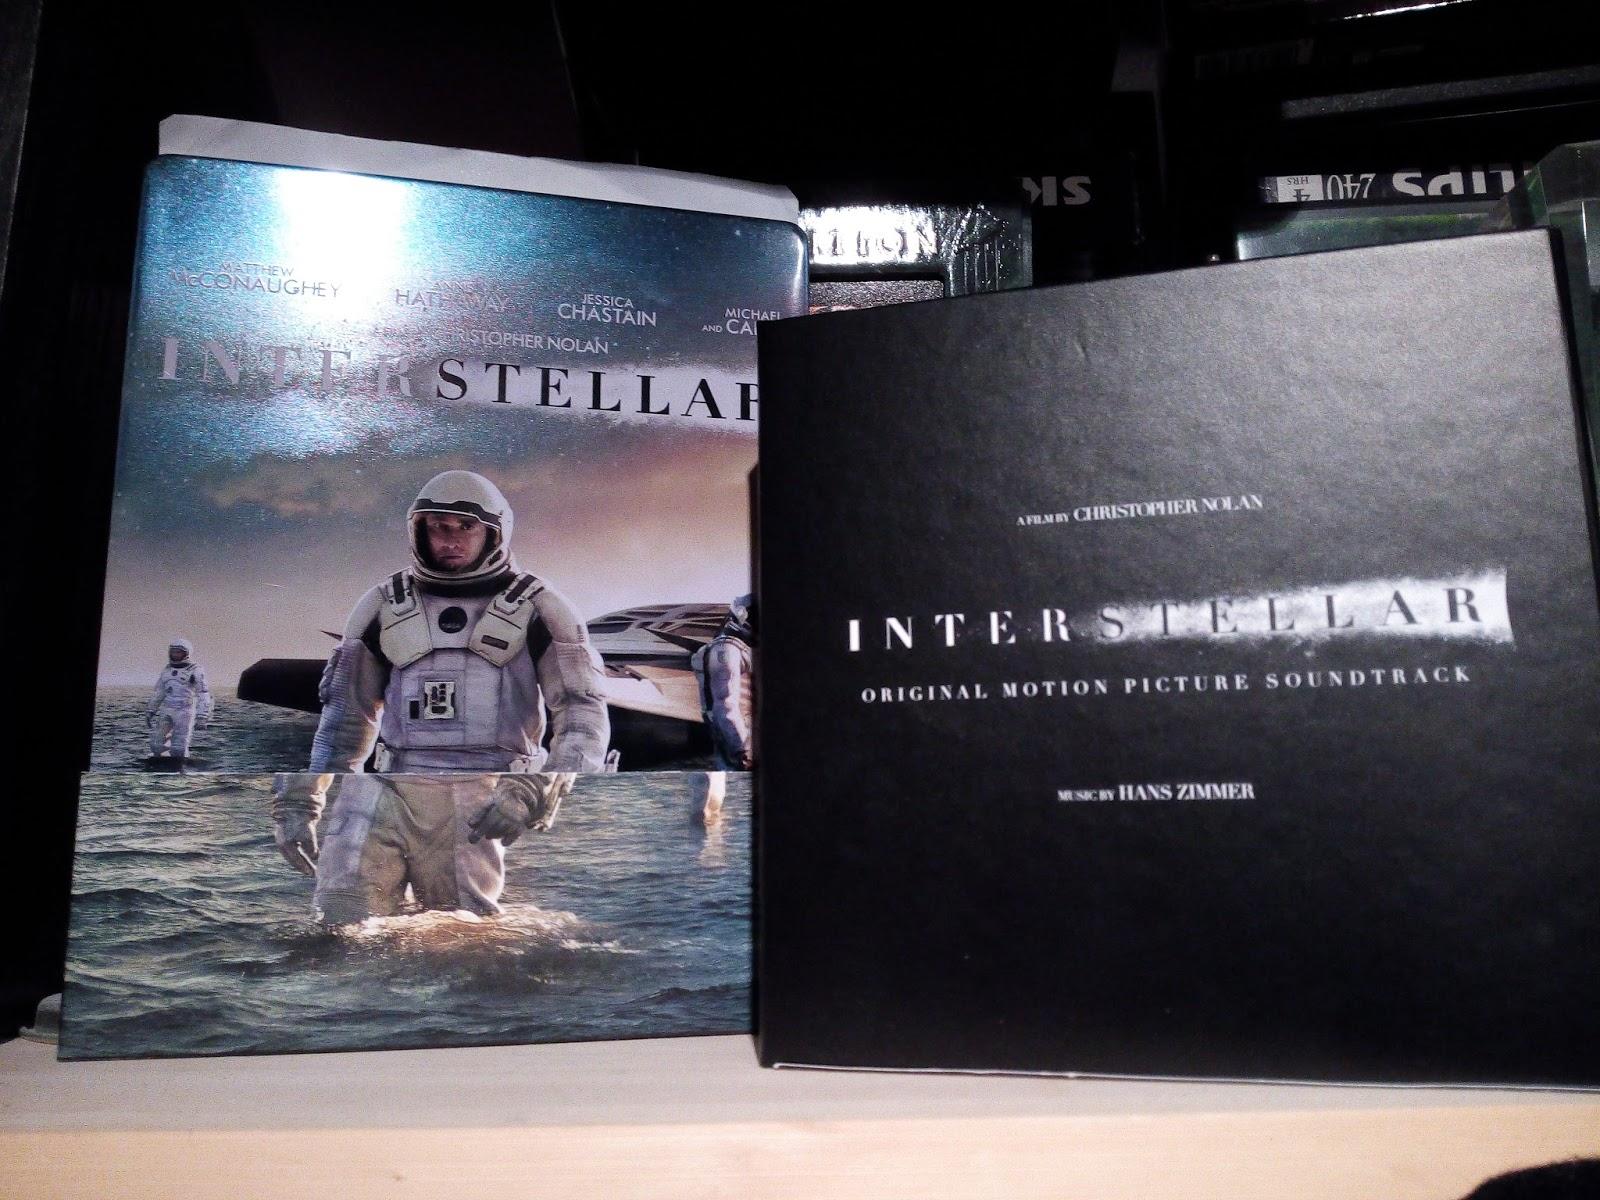 Der Buchdrache: Filmreview: Interstellar